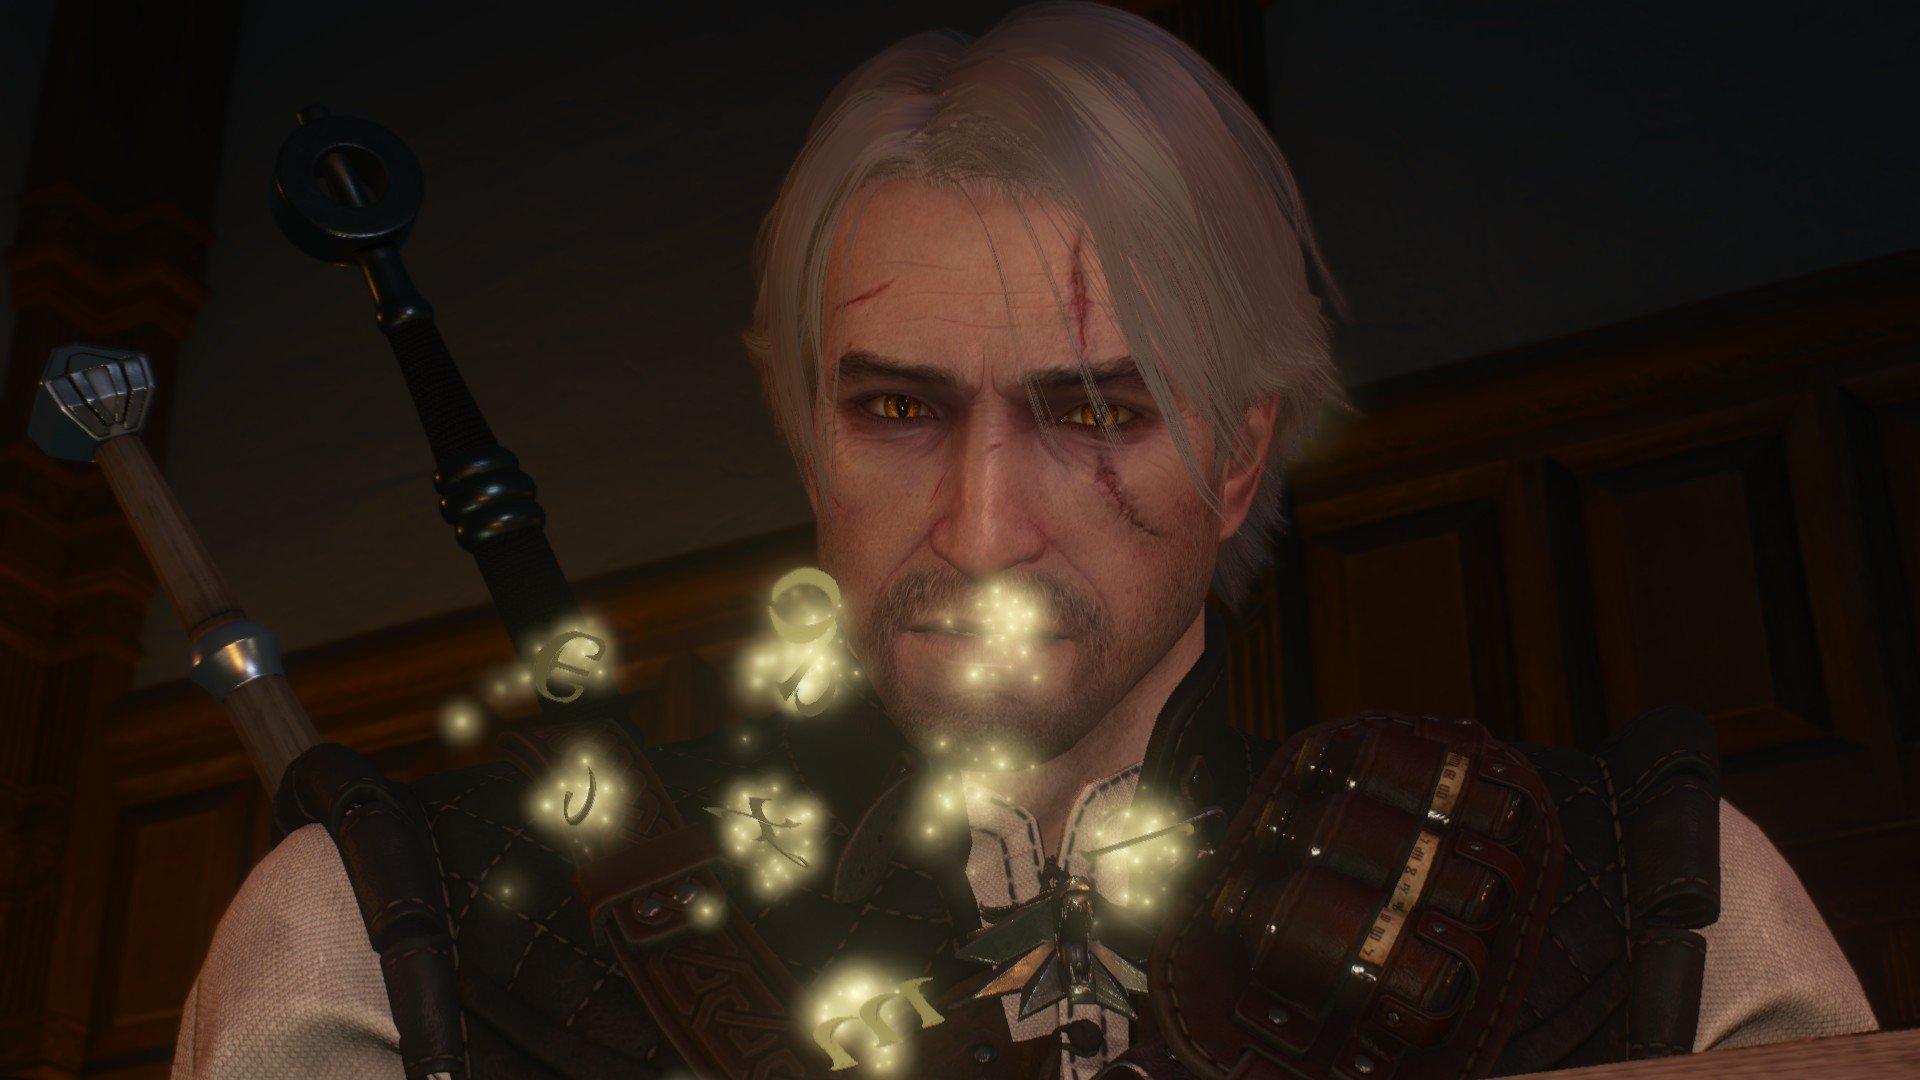 Вопль-прохождение Witcher 3: Кровь и Вино ... ФИНАЛ!!! [ВНИМАНИЕ, СПОЙЛЕРЫ] - Изображение 19